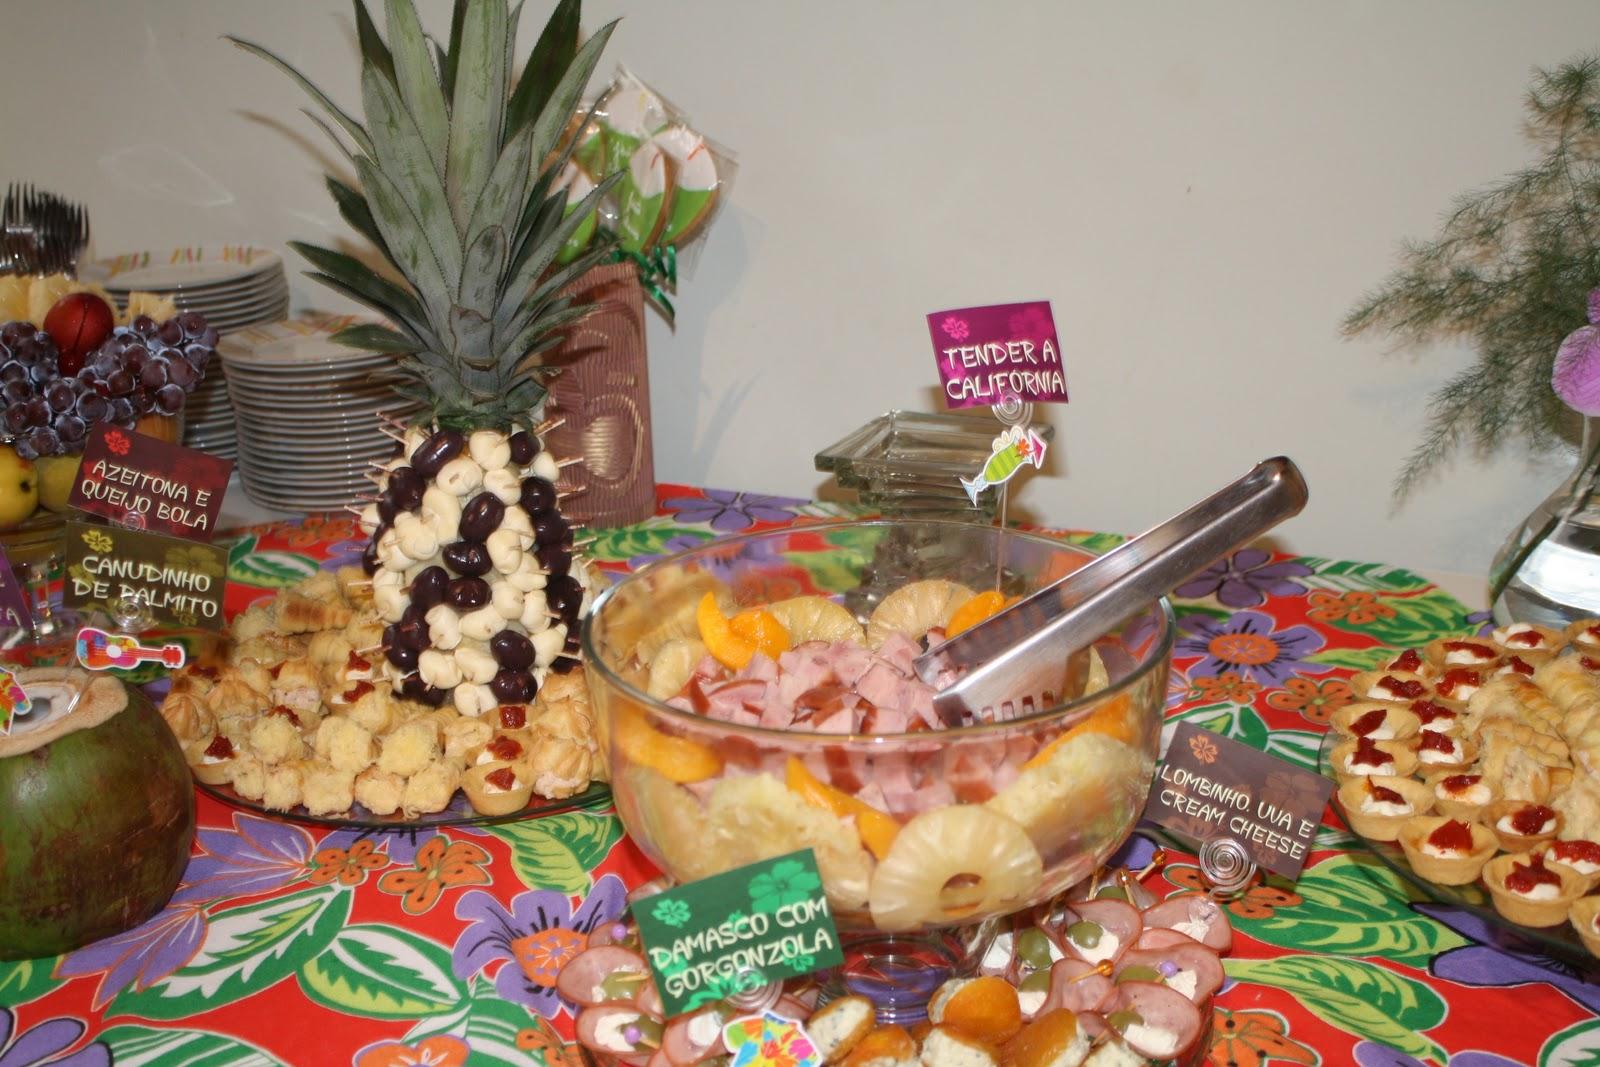 Famosos Mães e Festeiras: Aniversário de 50 anos do João - Festa Havaiana OA27